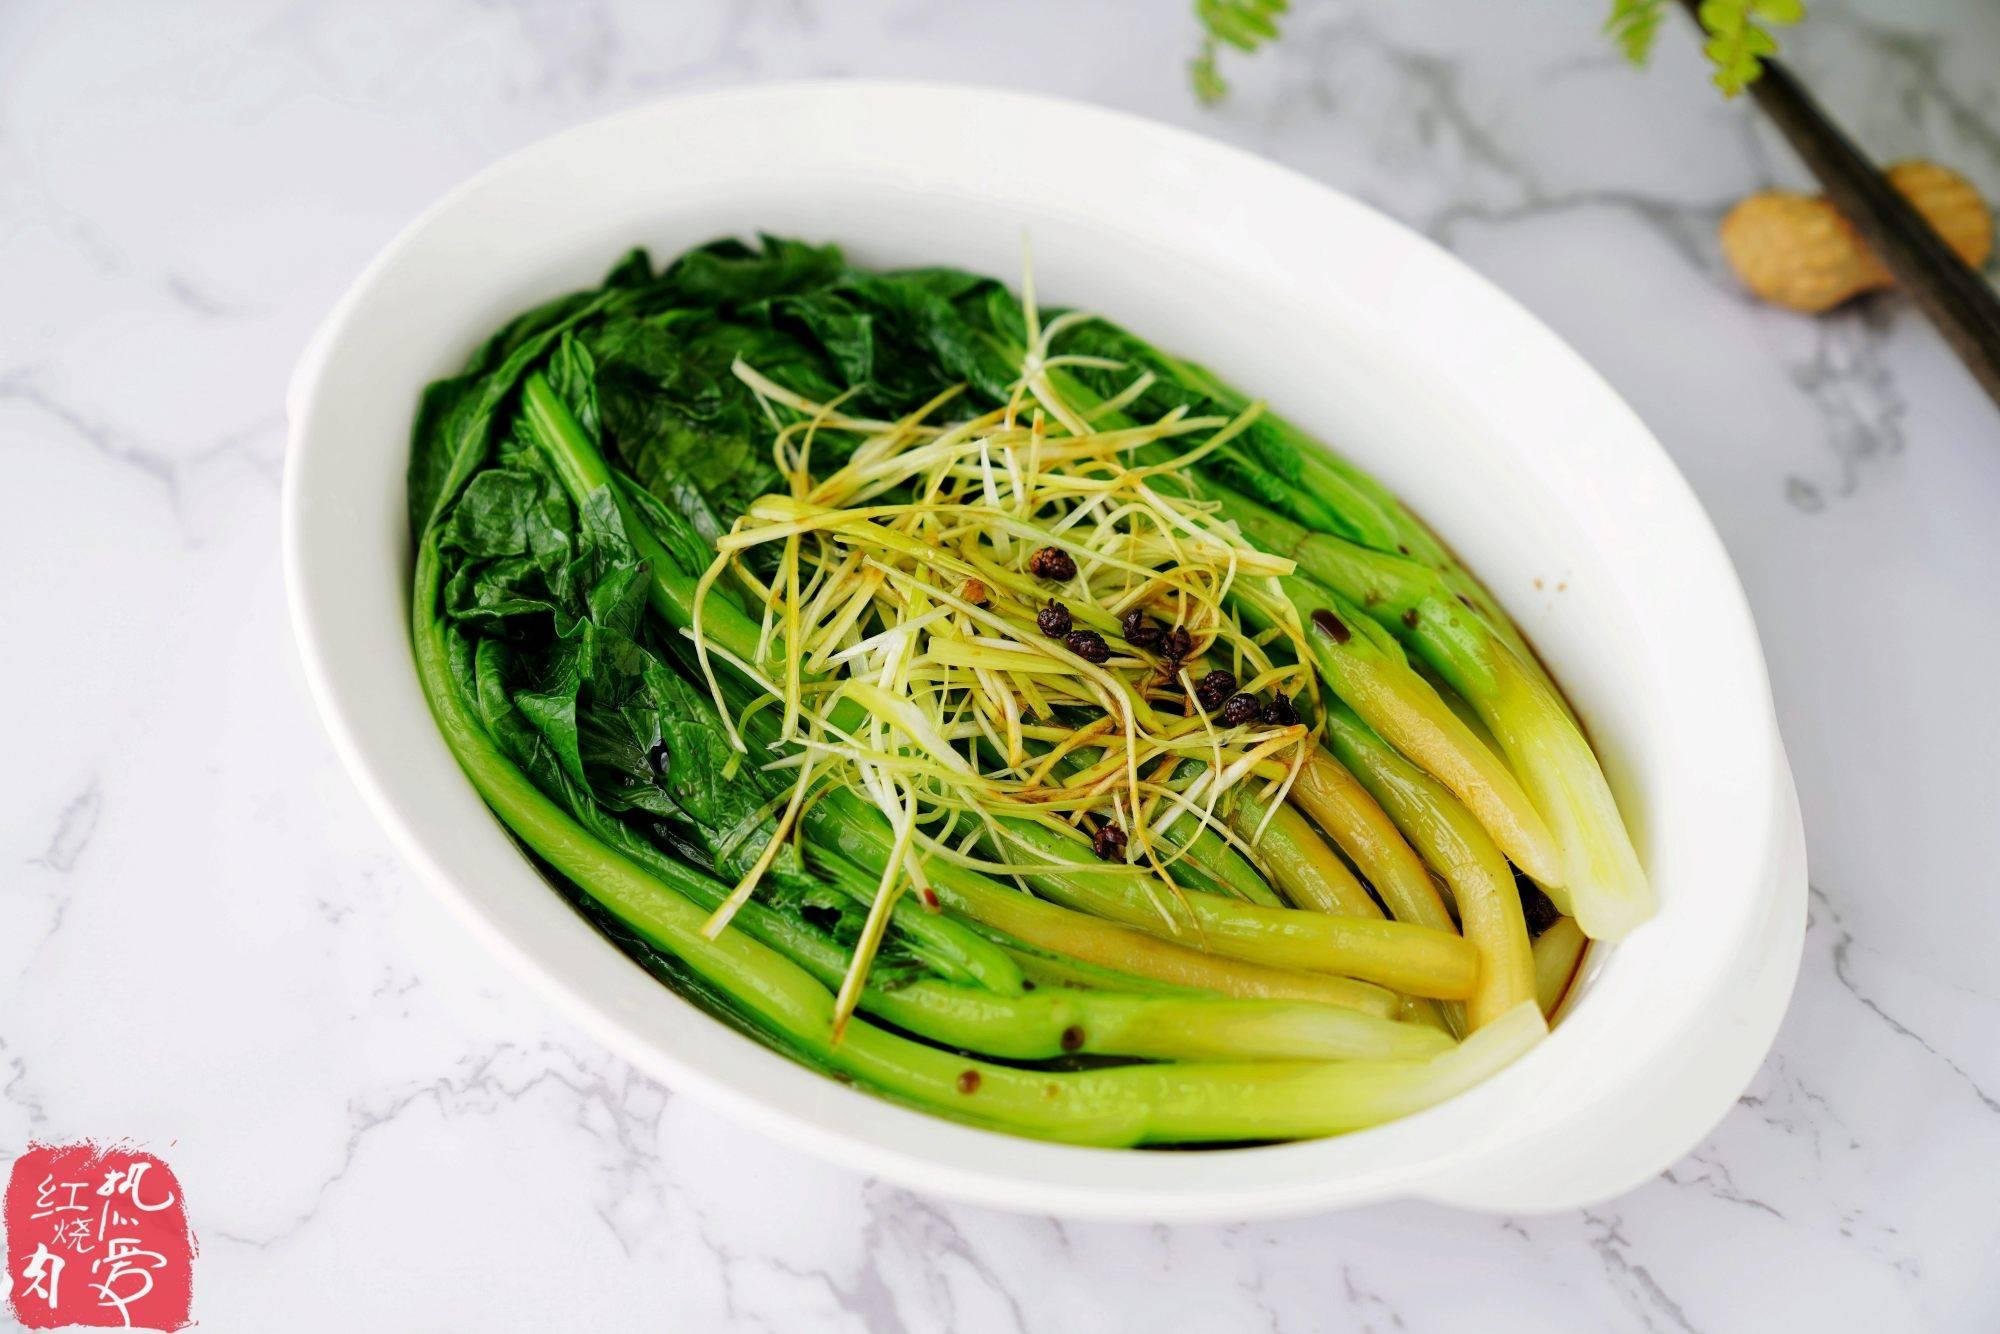 绿色的蔬菜都可以这么做,简单省事洗一洗连切都不用,关键是好吃